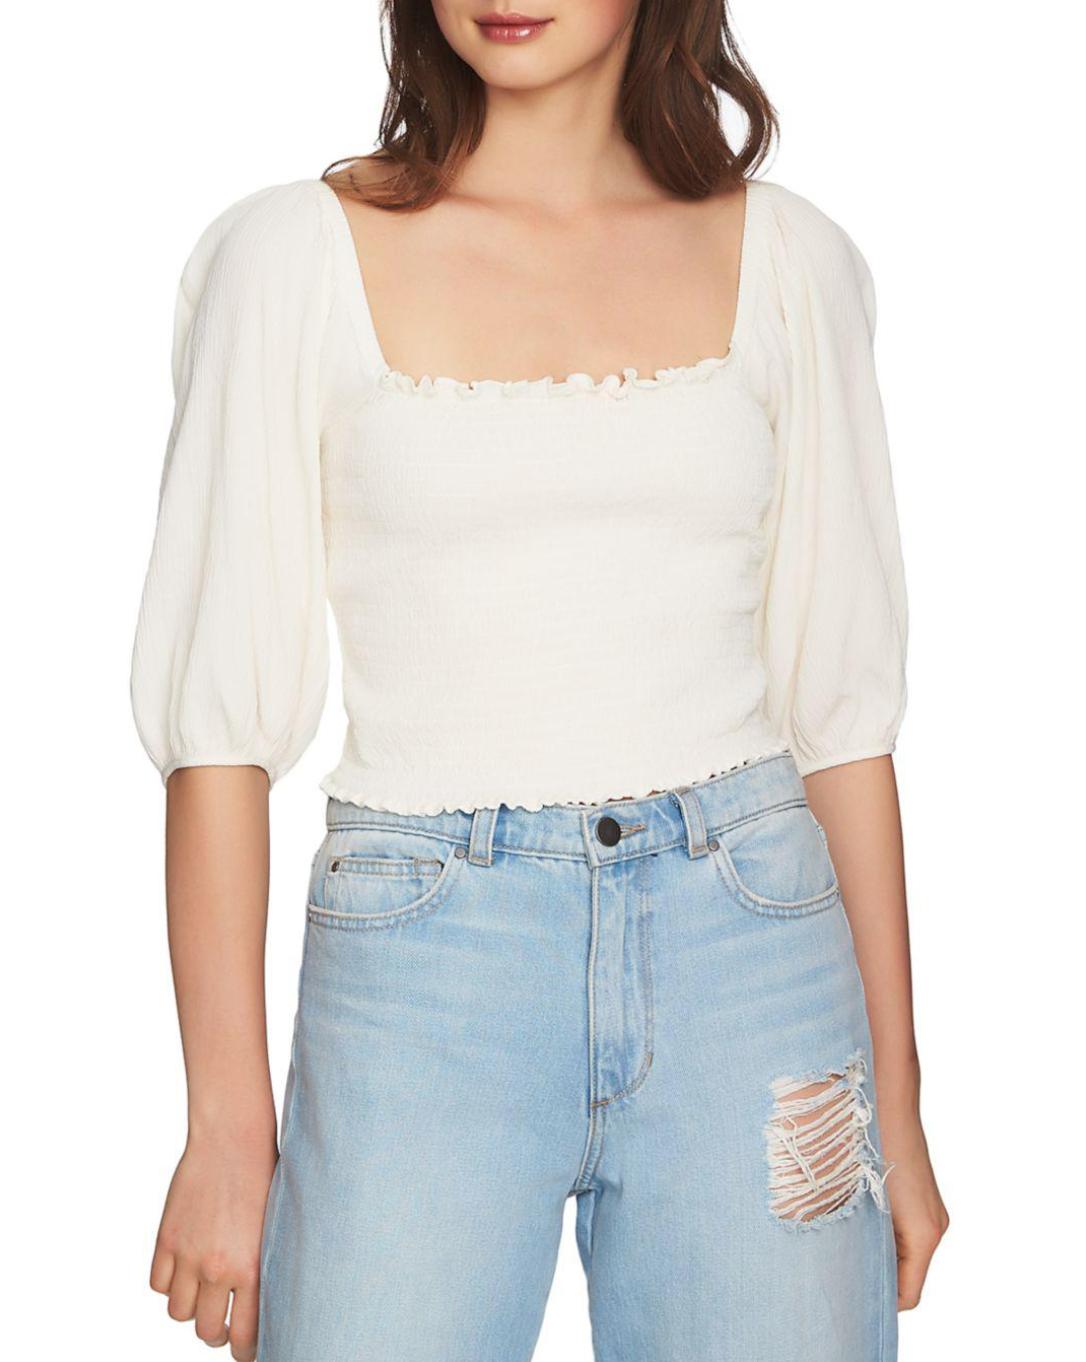 10 kiểu áo blouse hot nhất hiện nay, ngắm rồi chỉ muốn sắm cho bằng hết để mặc - Ảnh 9.